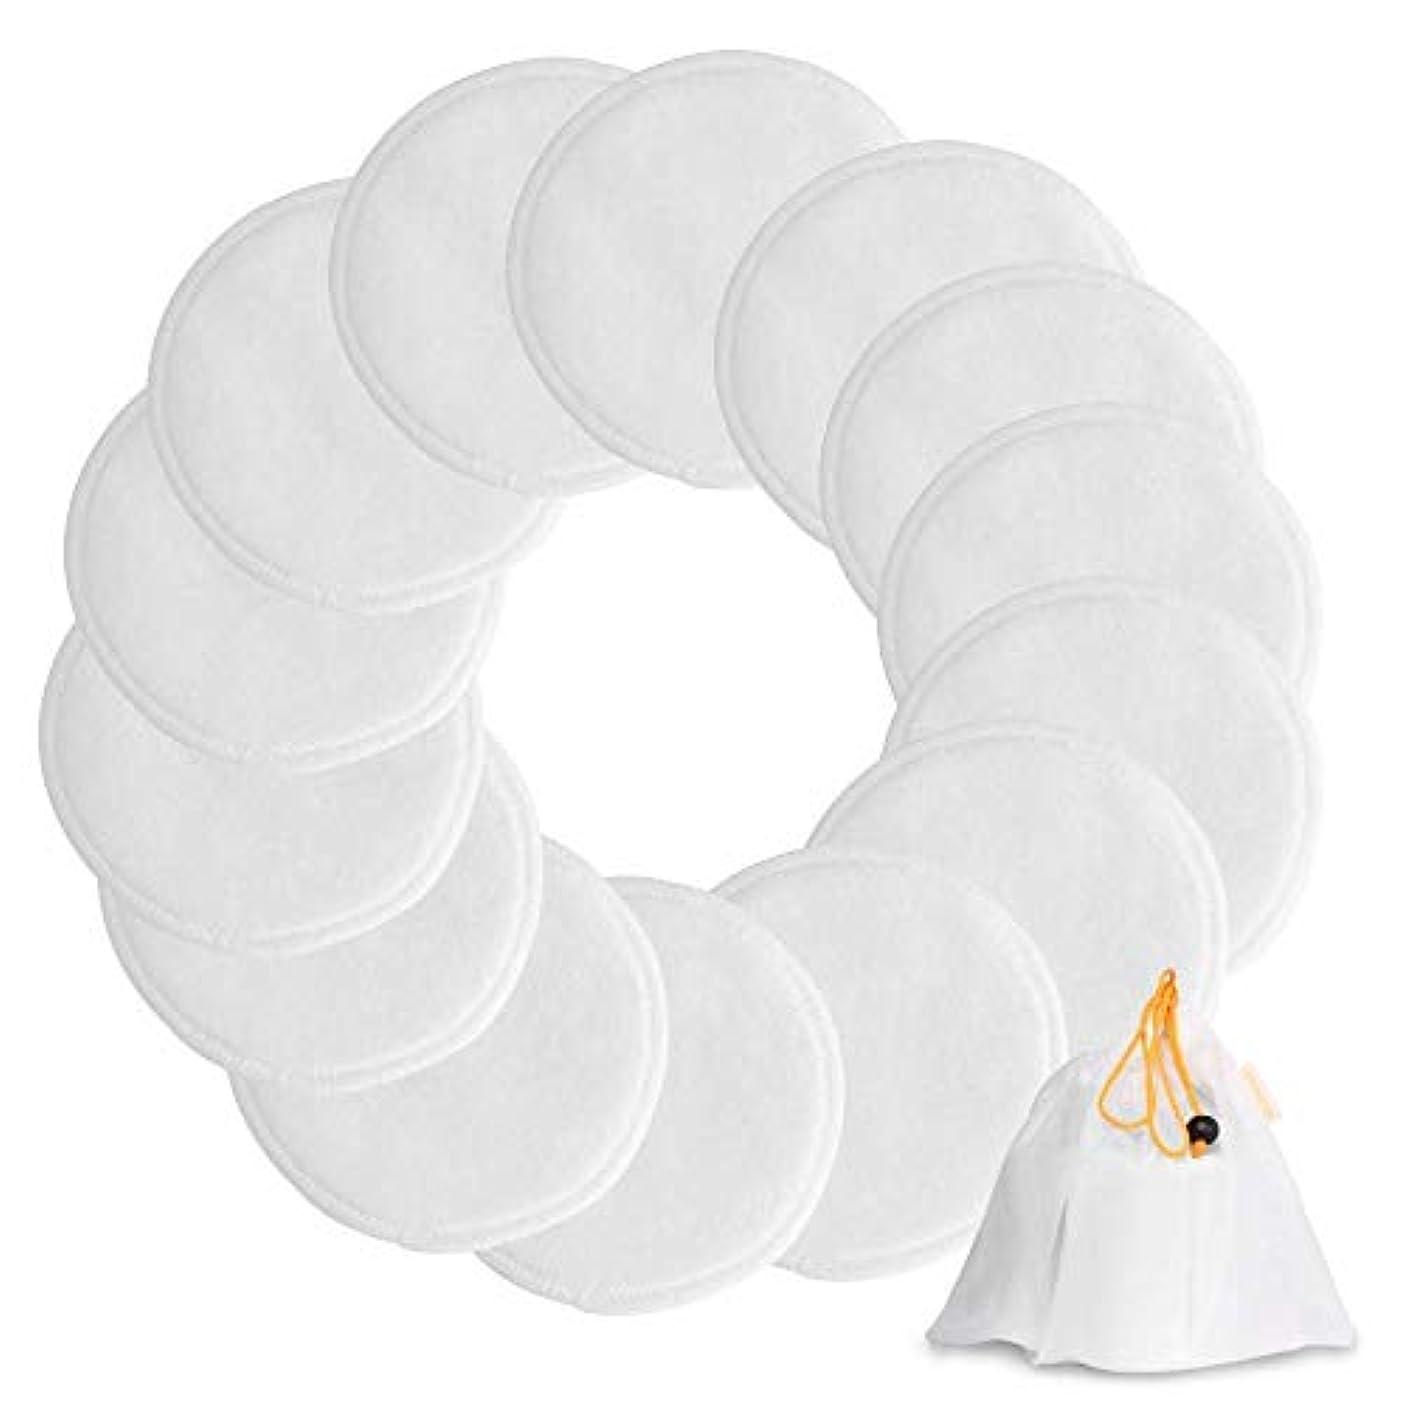 磁器参照する磁器Baskiss エココットンパフ 洗濯可能 再利用可能 環境やさしいリサイクル化粧用コットン ビューティーアップコットン 1セット14枚 バッグ付き